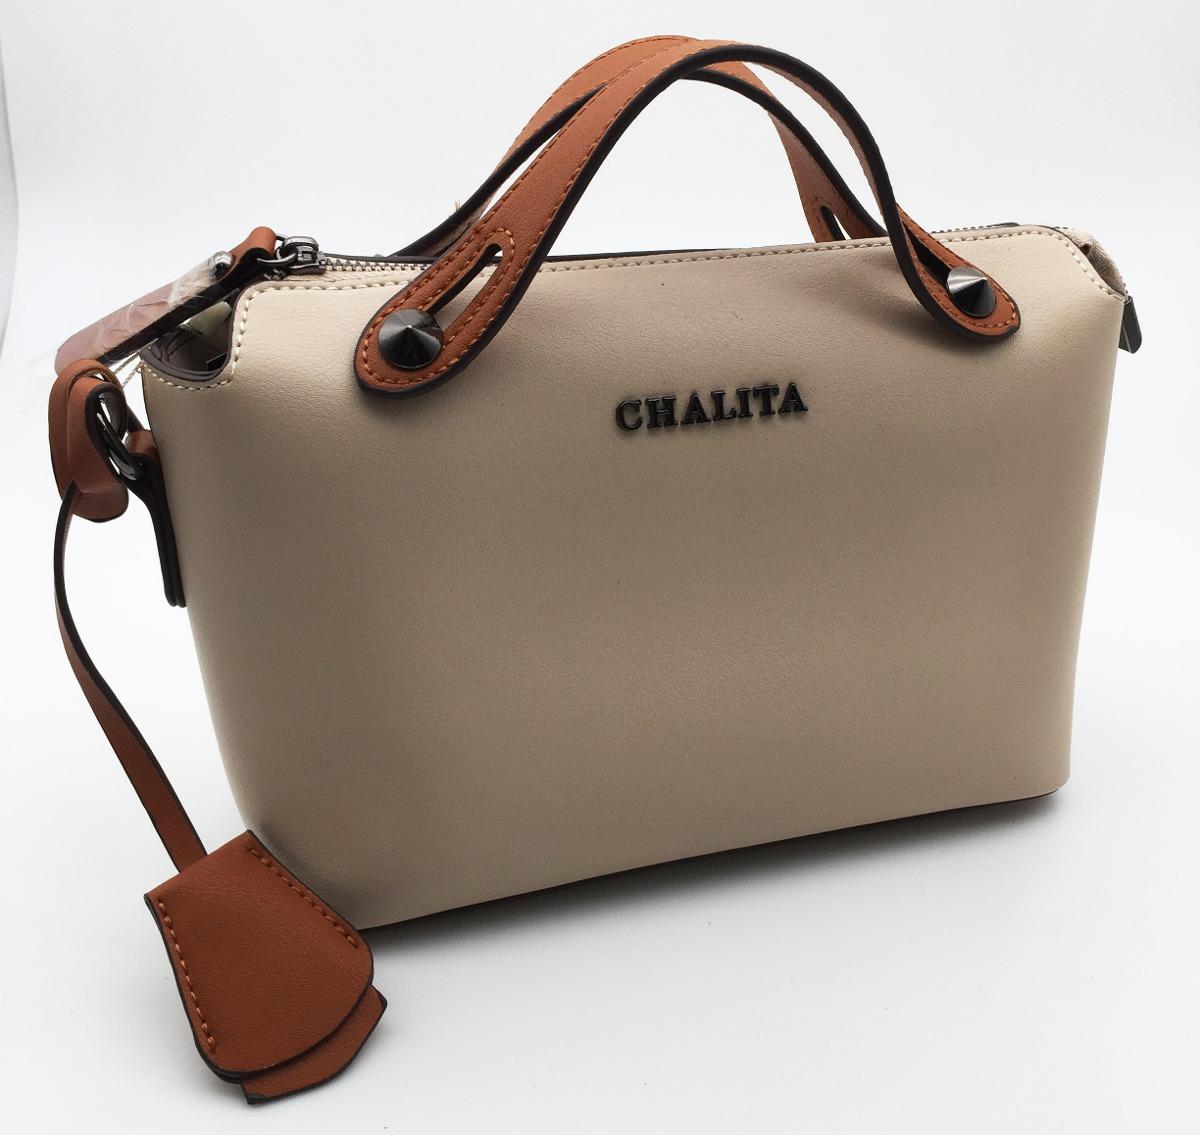 6f4023679 Bolsa Chalita Bege Ch1003 - R$ 172,90 em Mercado Livre